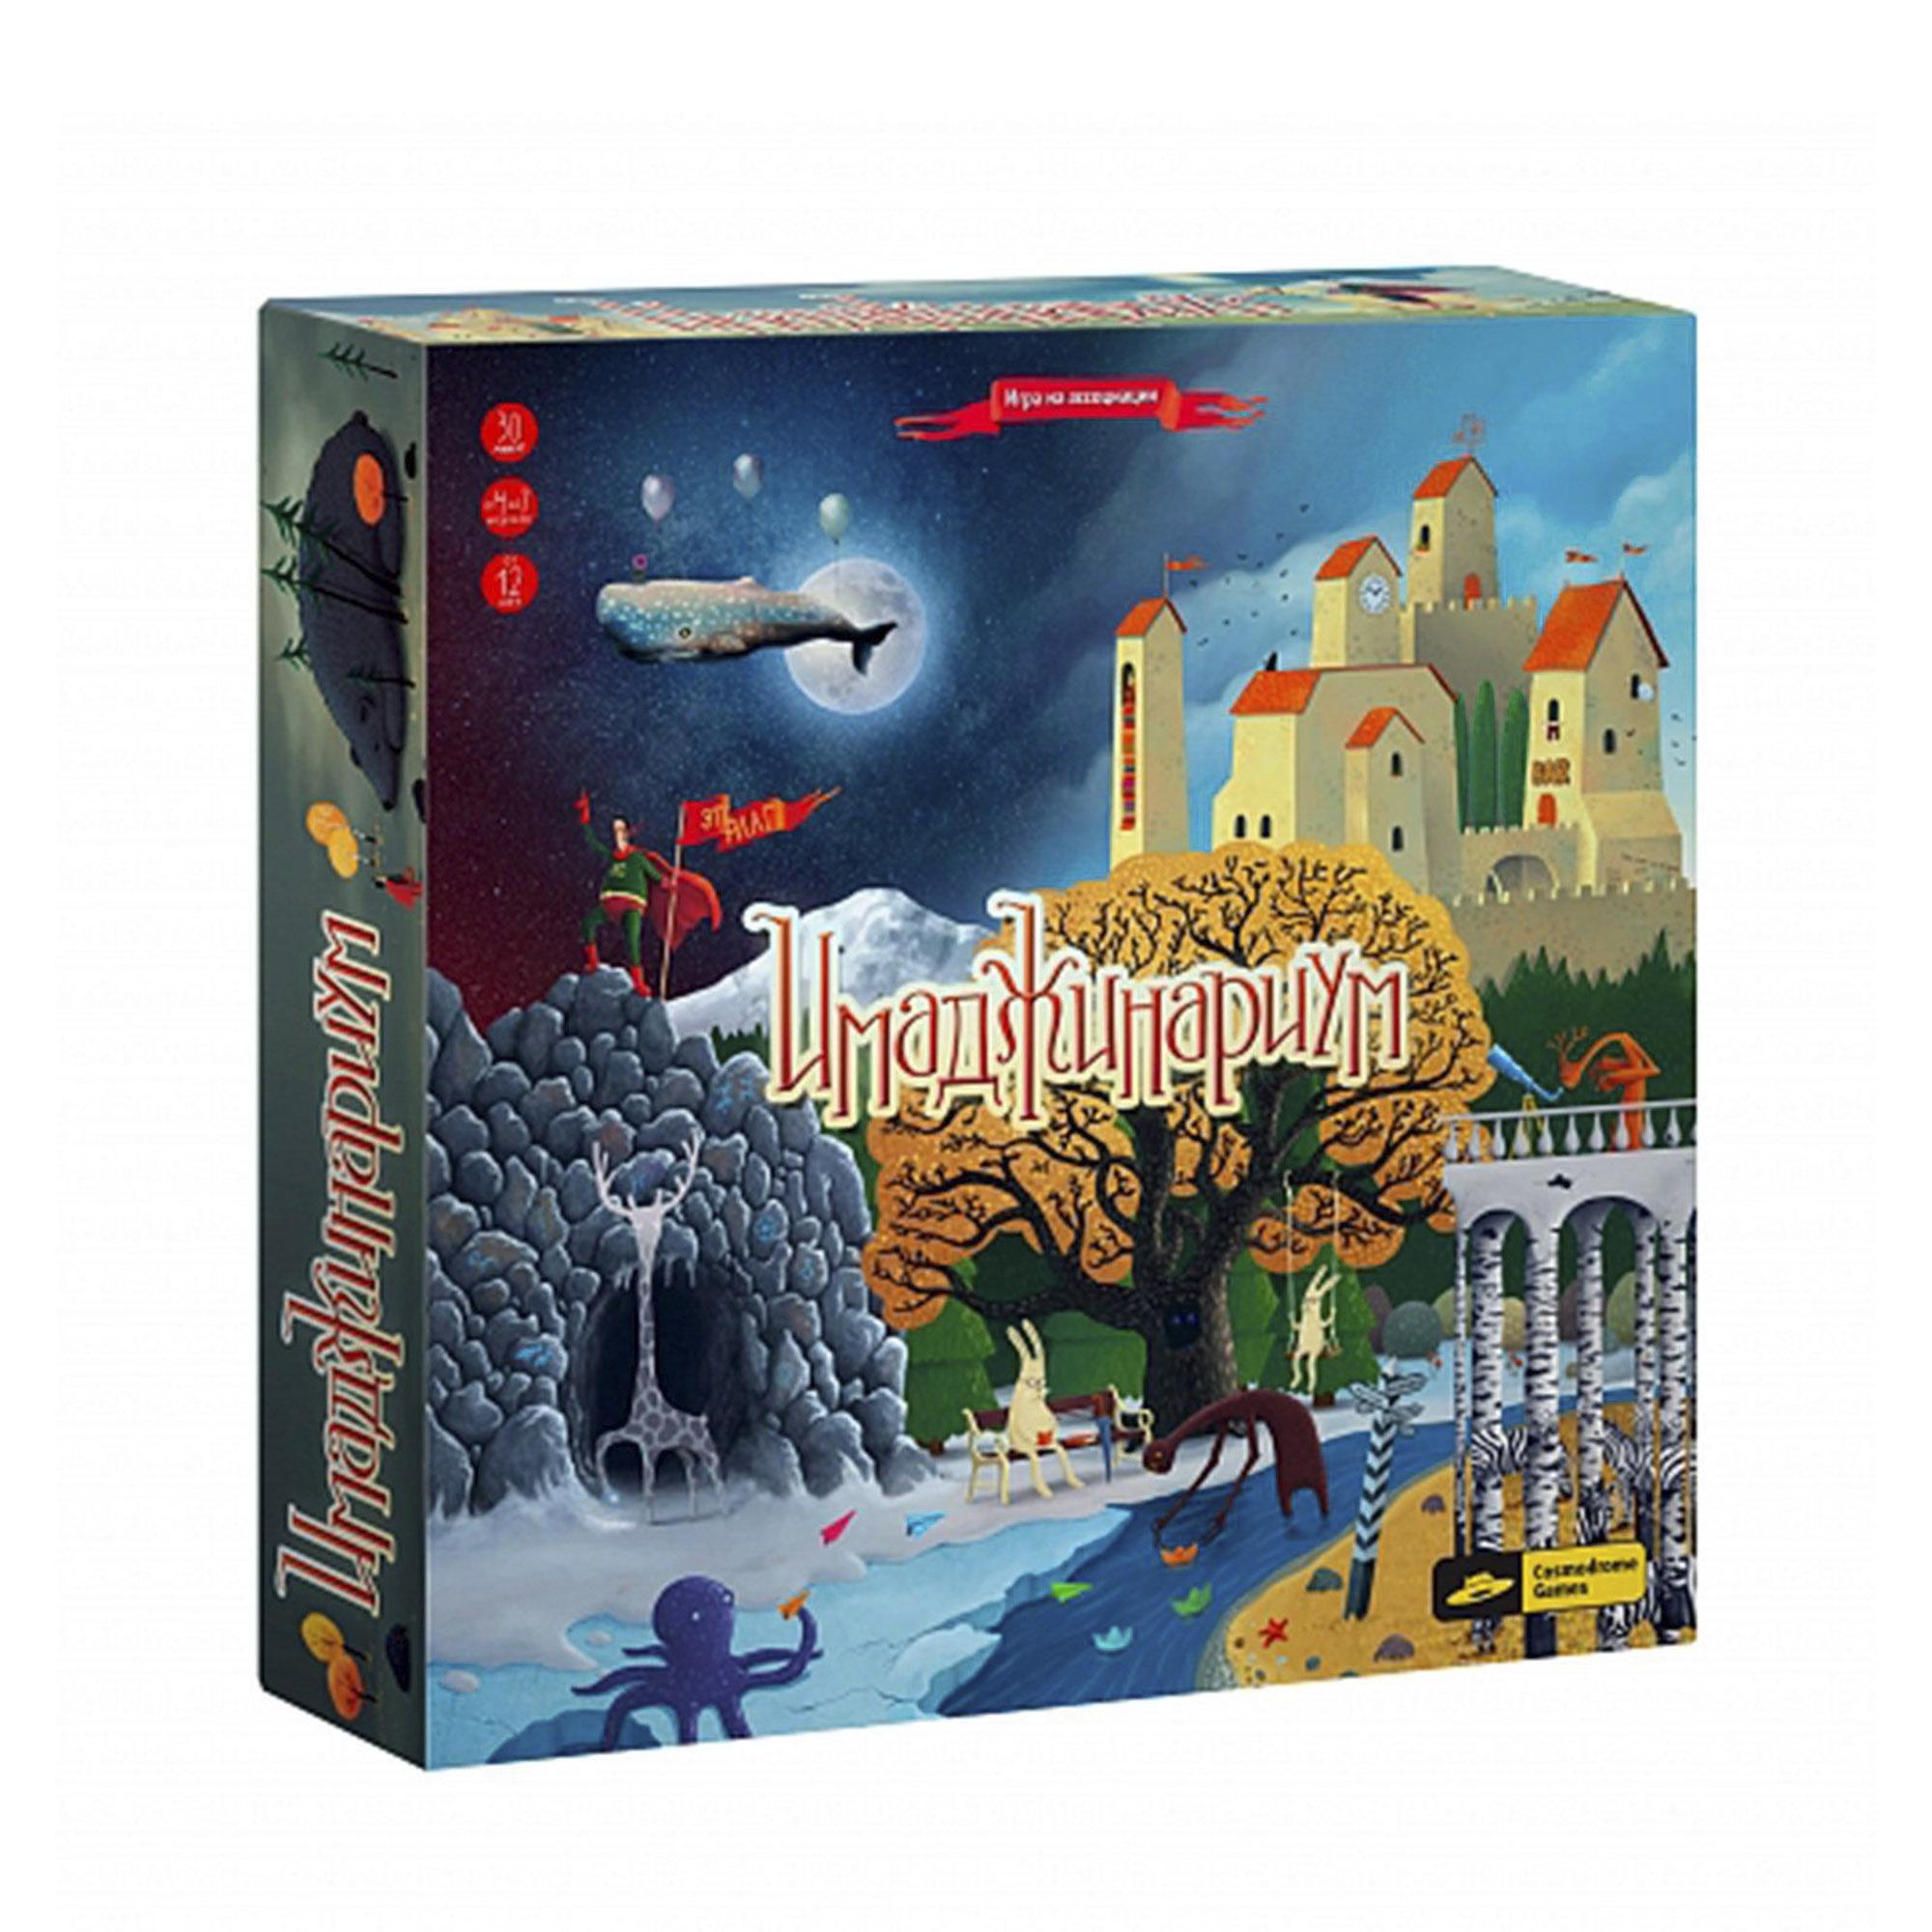 Настольная игра Имаджинариум Cosmodrome Games.